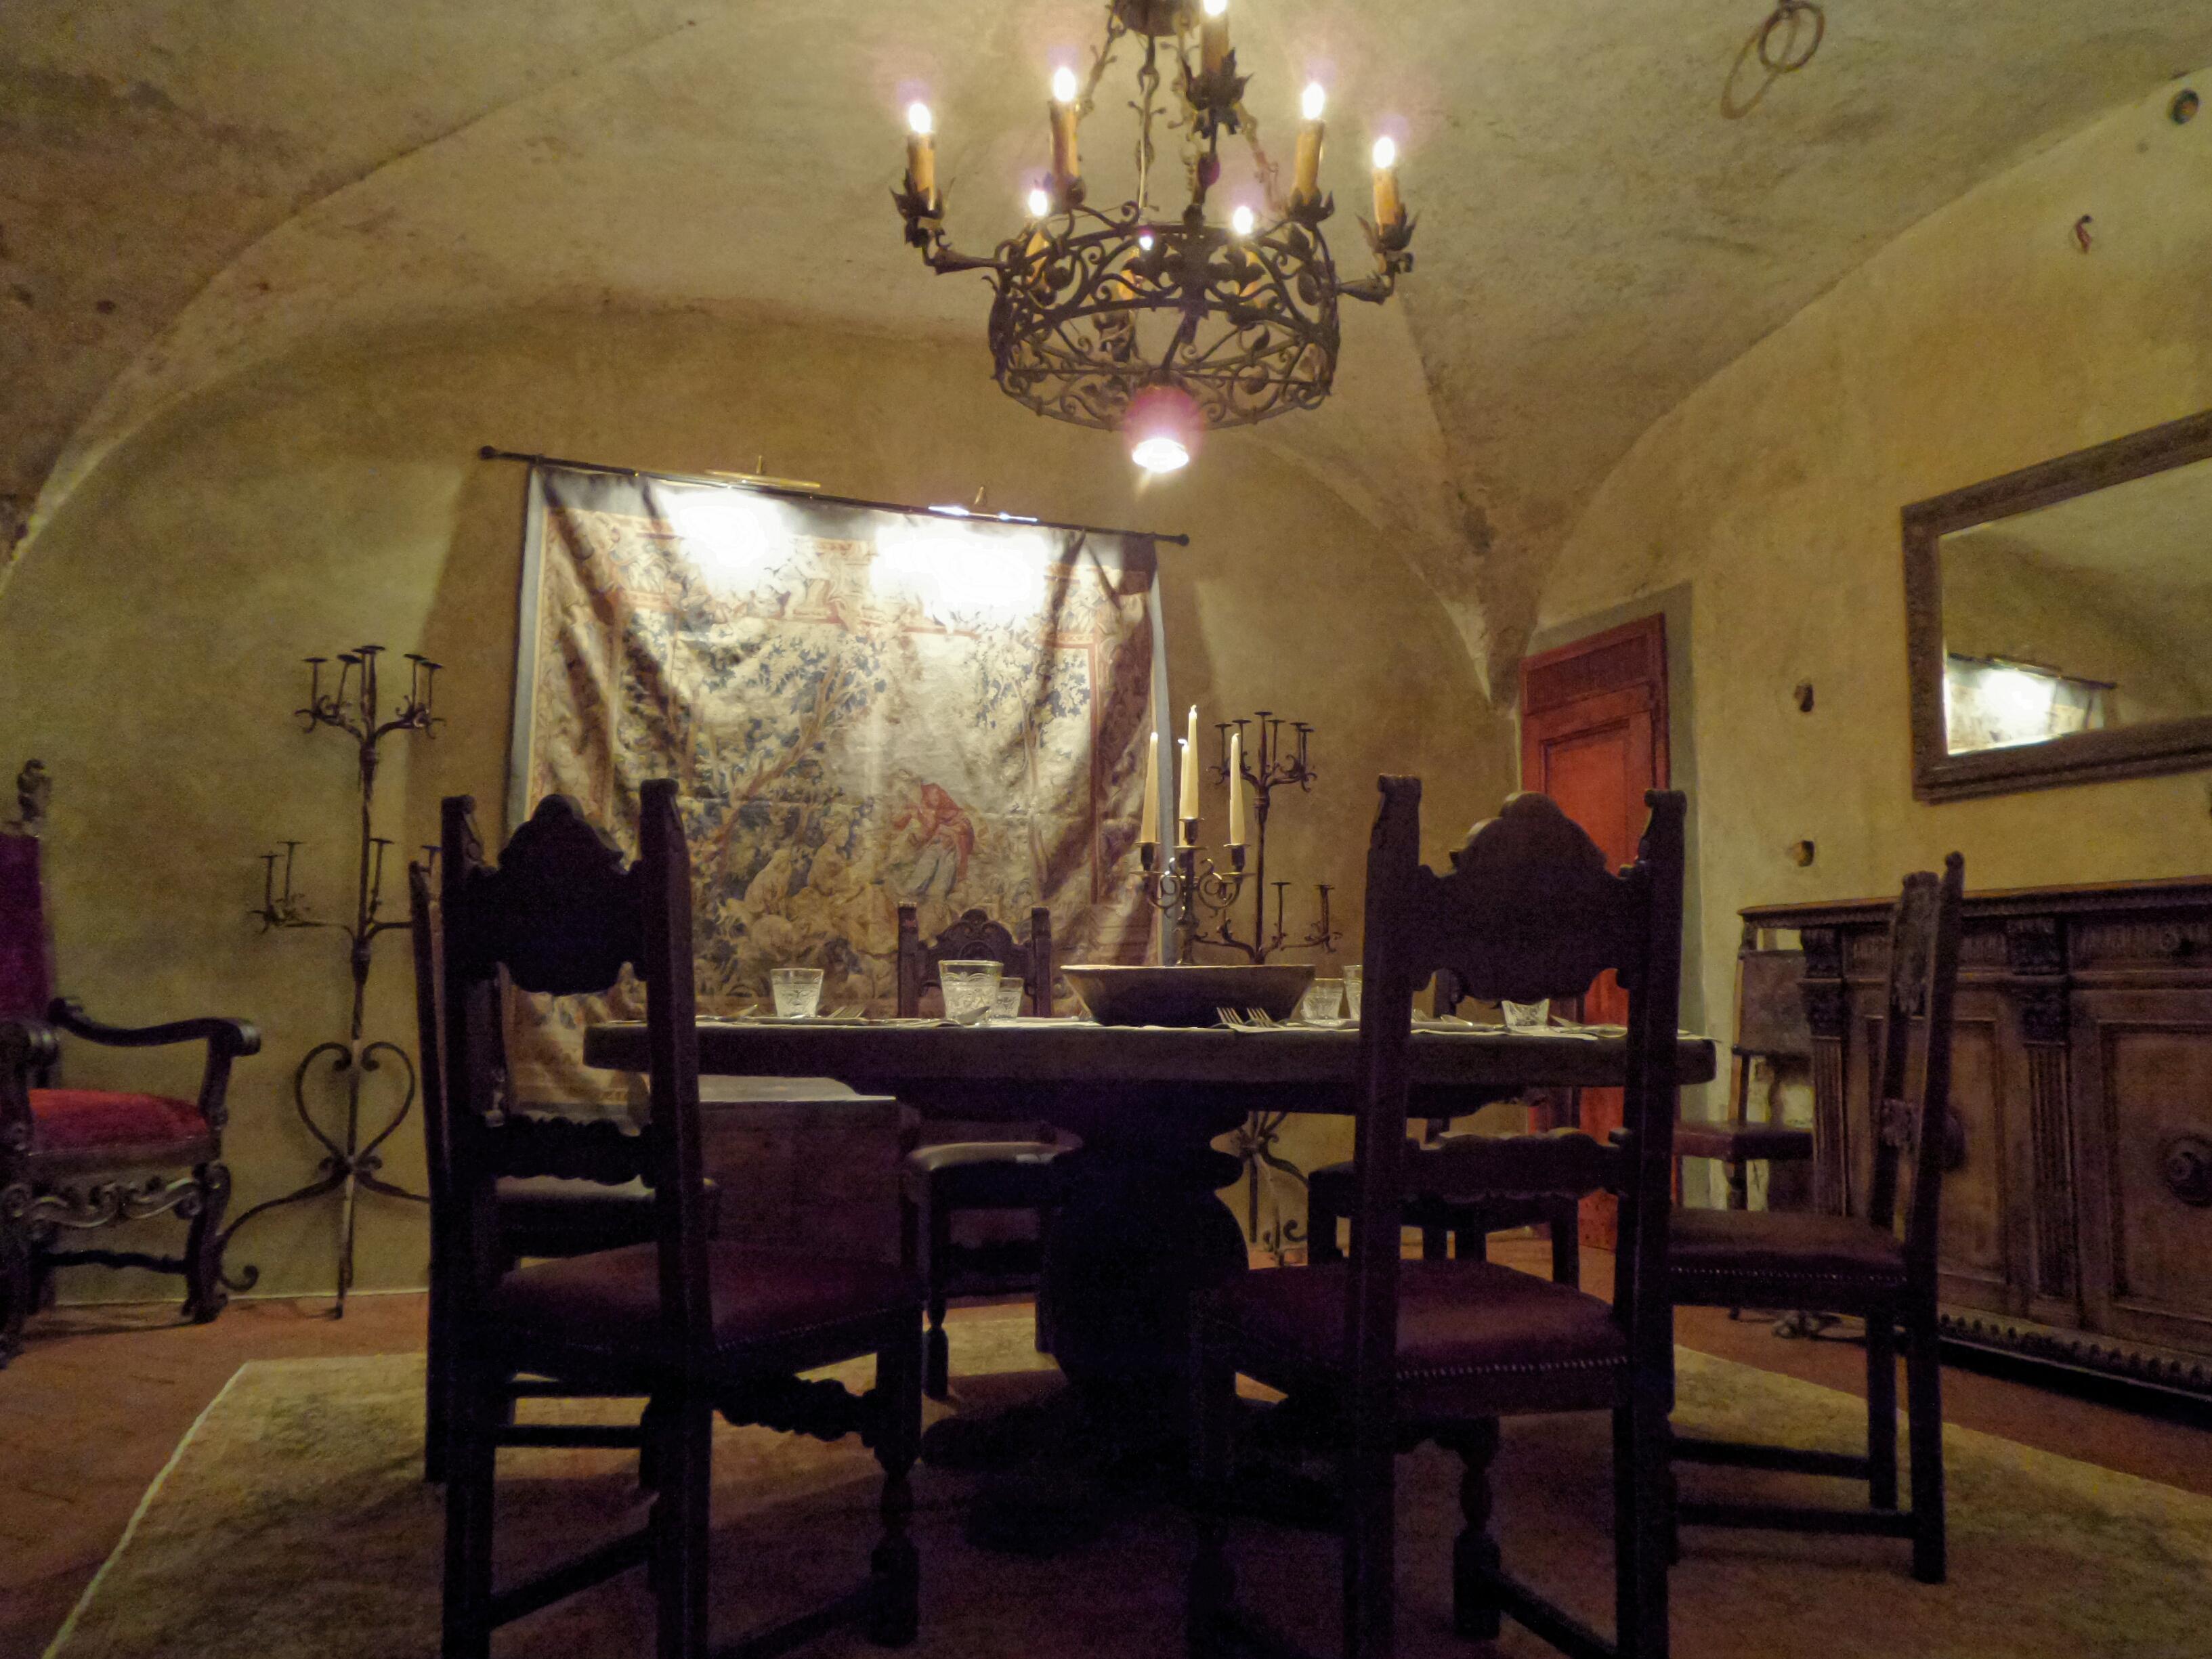 Arredi in stile medievale per la sala che si cela al piano inferiore